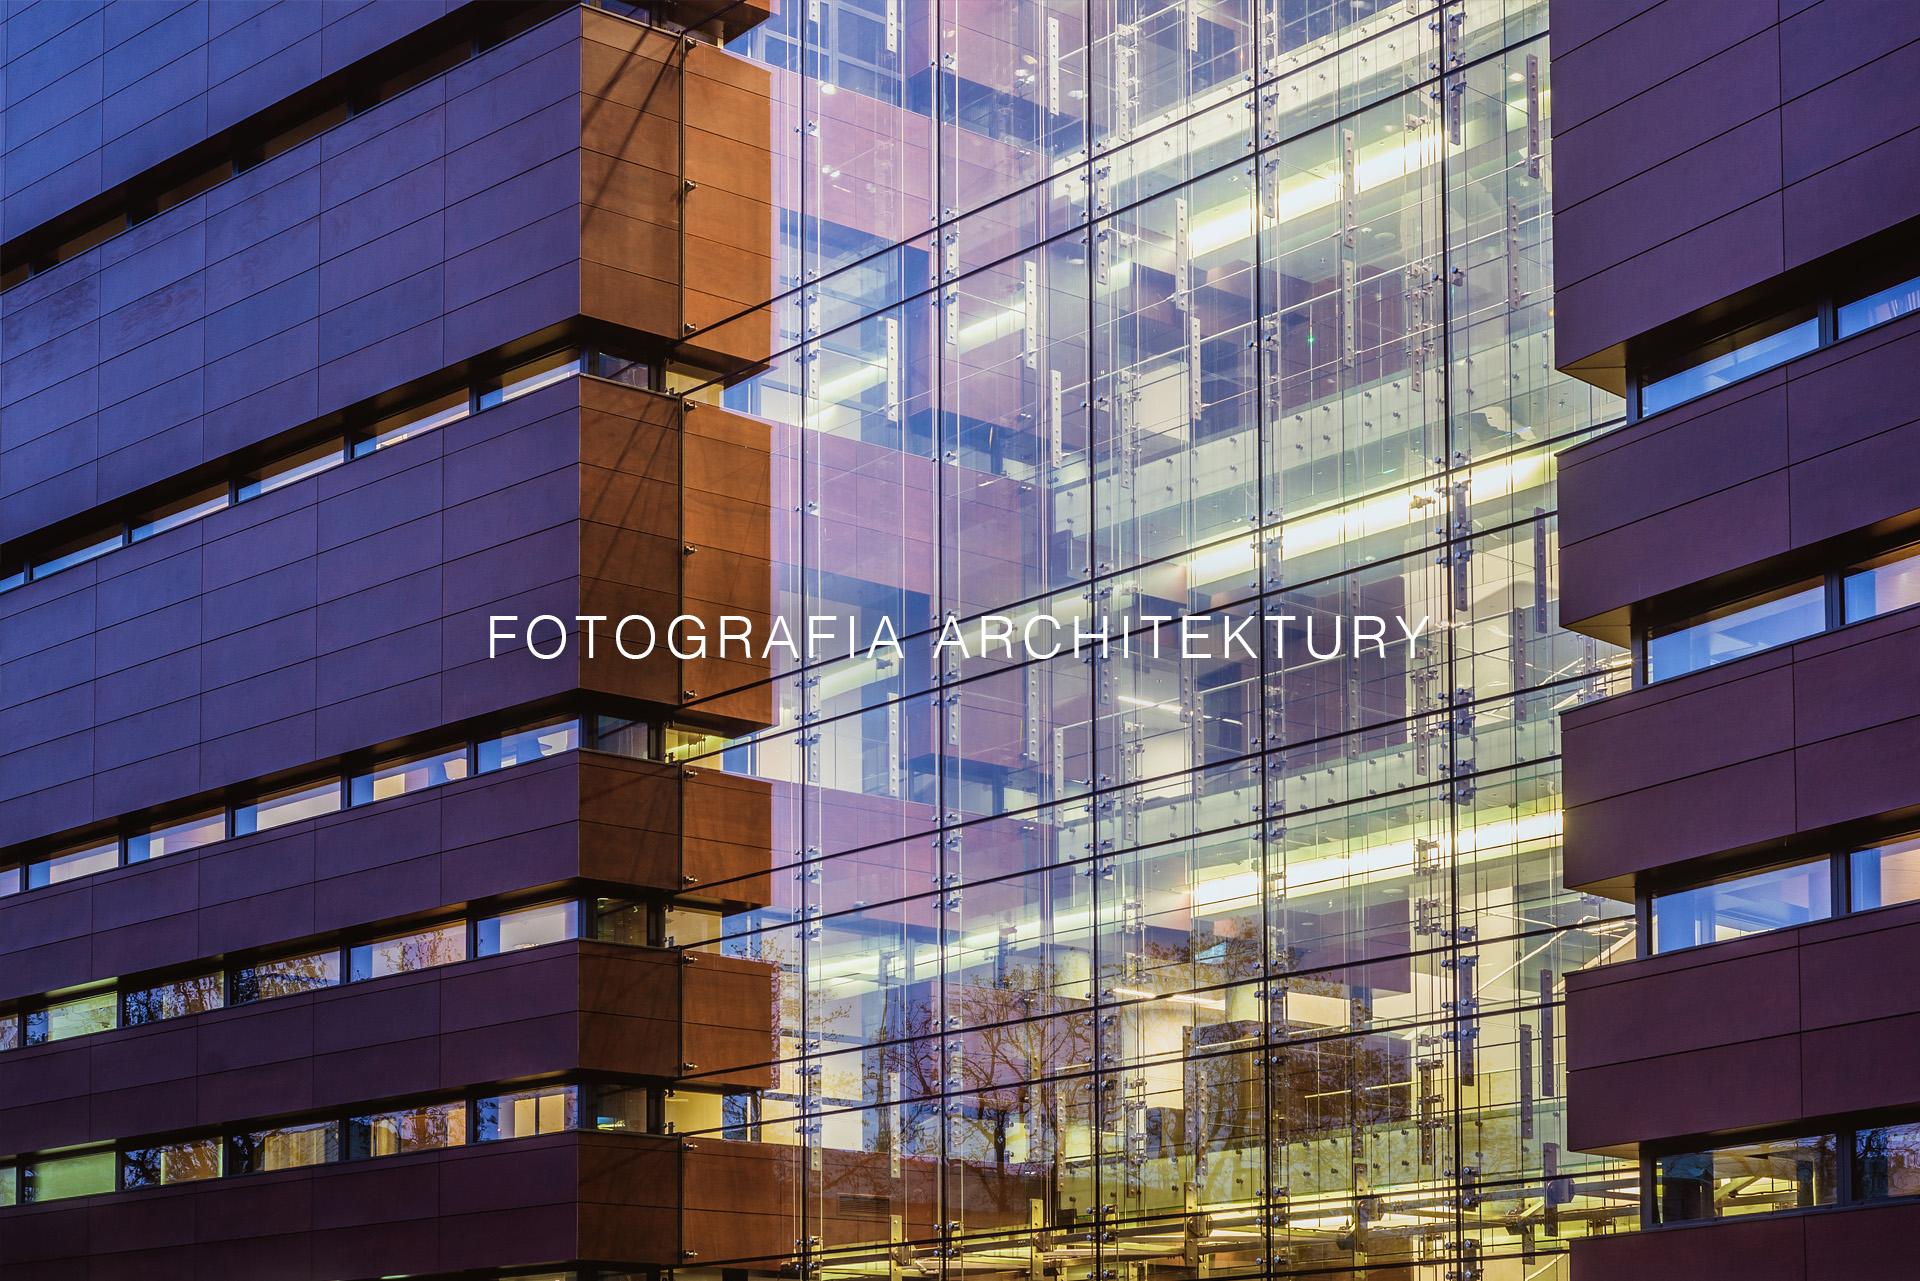 slider-fotografia-architektury-2017